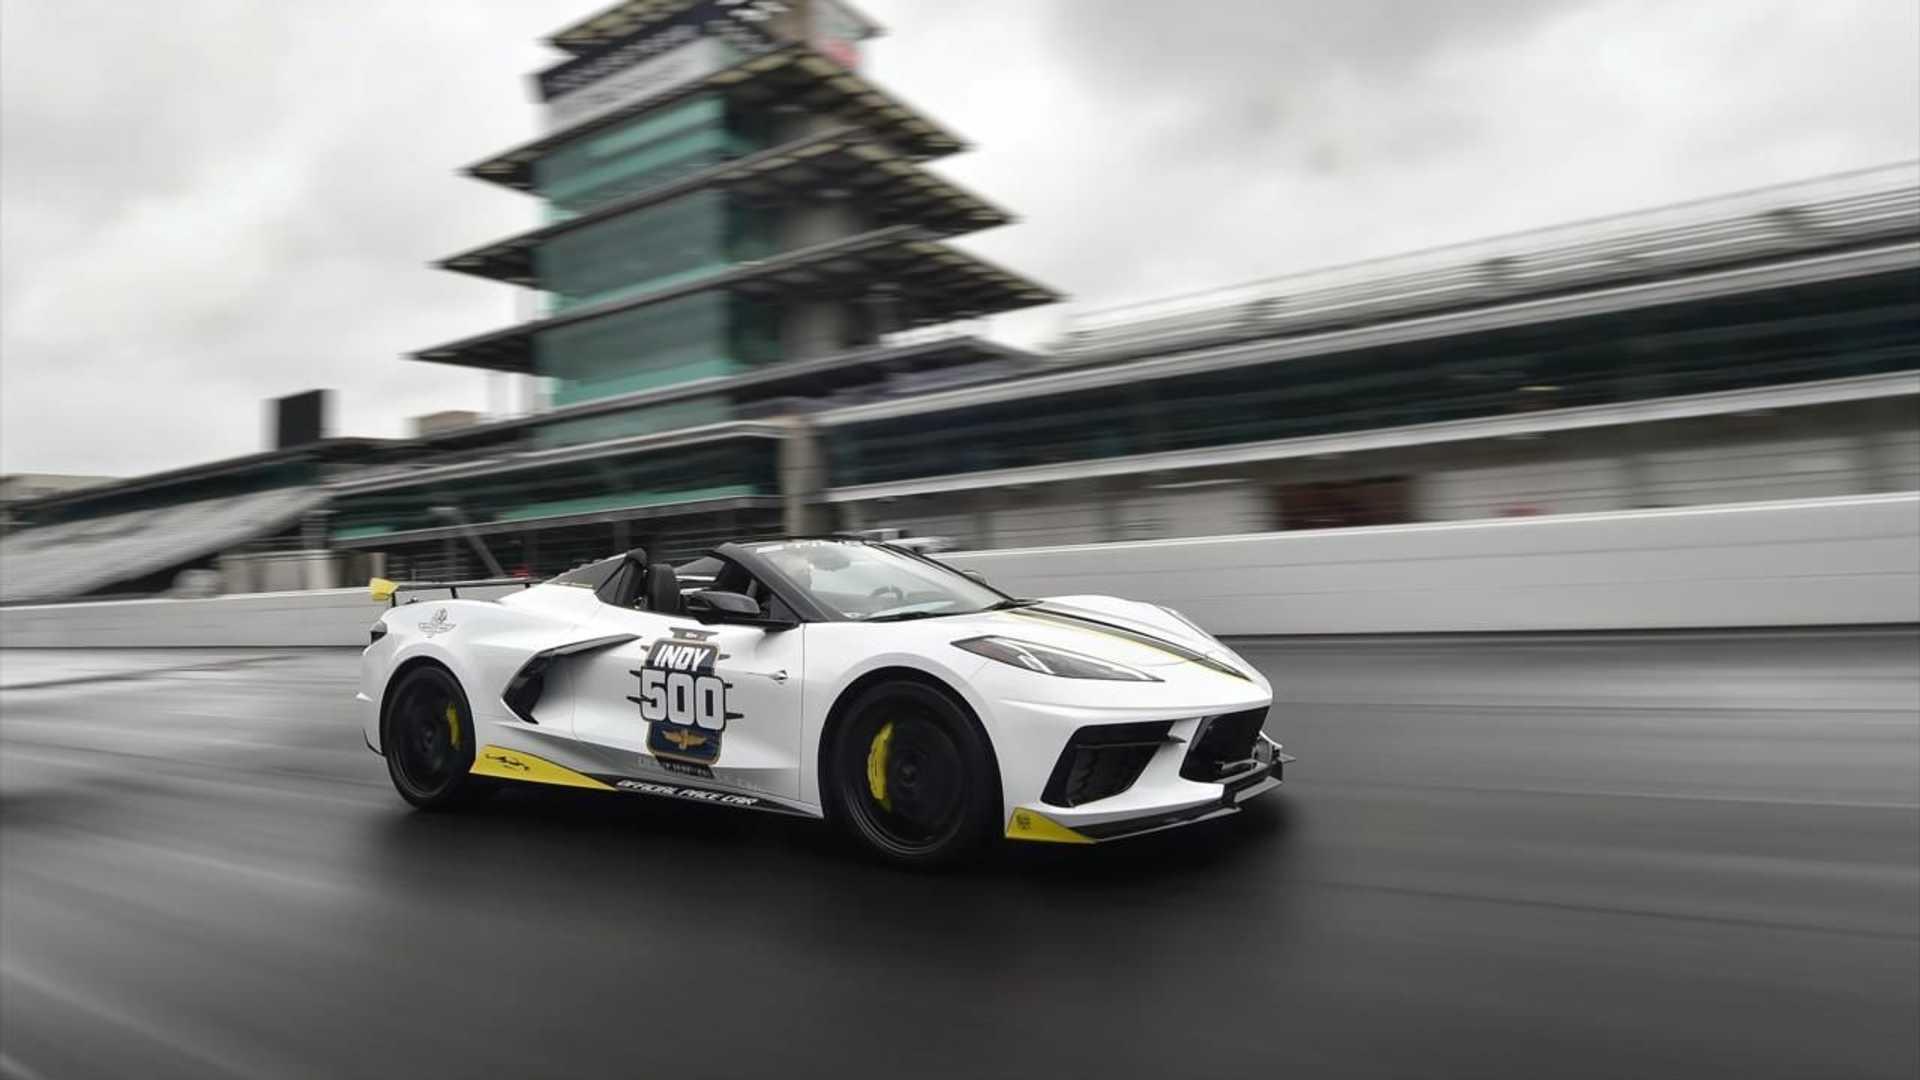 El Chevrolet Corvette Stingray Convertible será el coche de seguridad de la Indy 500